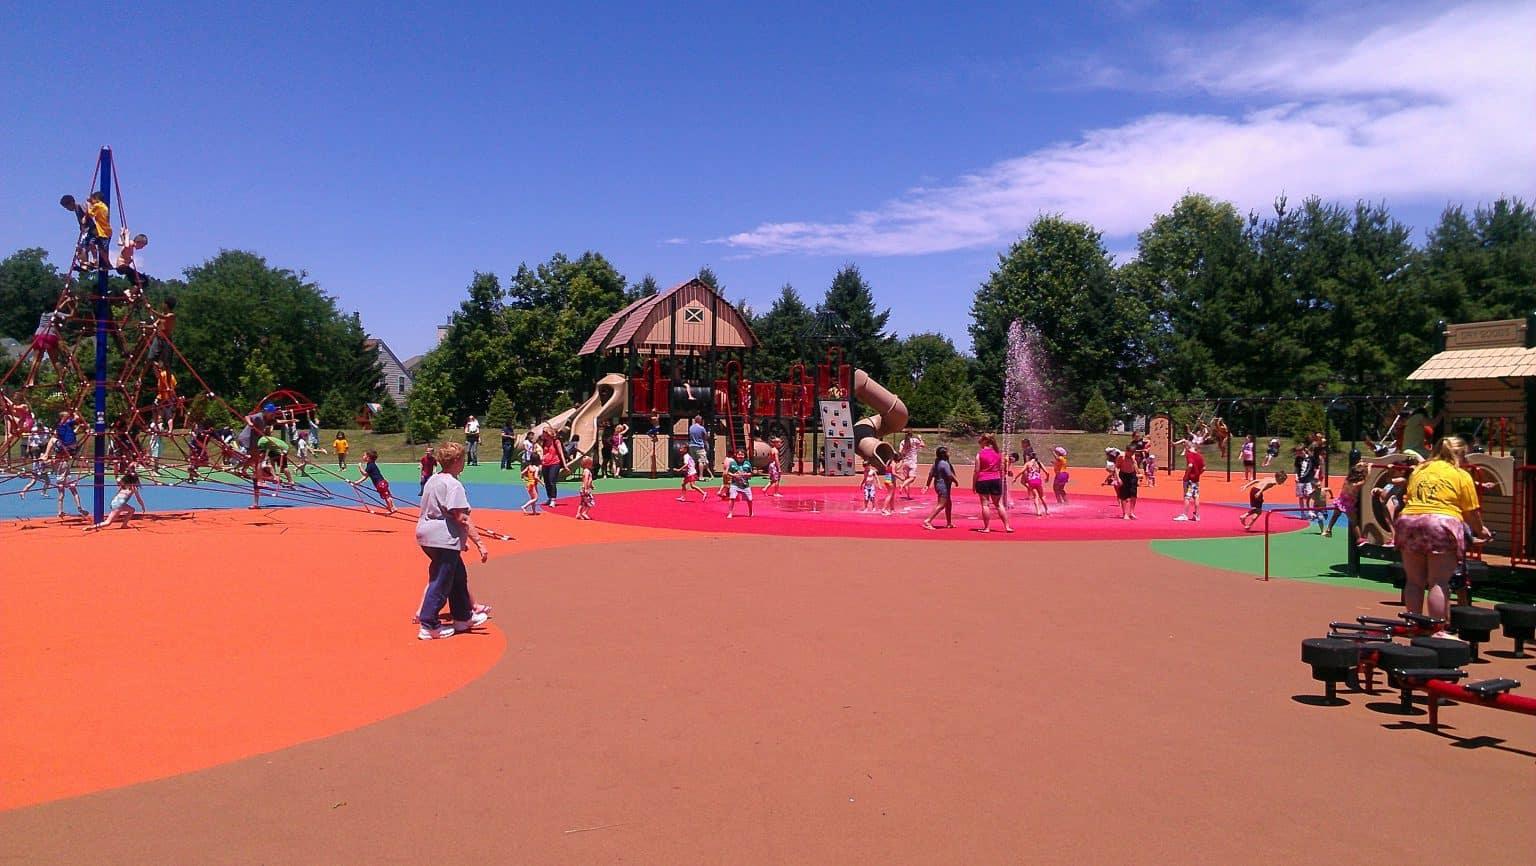 ponderosa-park-playground-scotch-plains-nj_11652201645_o-1536x866